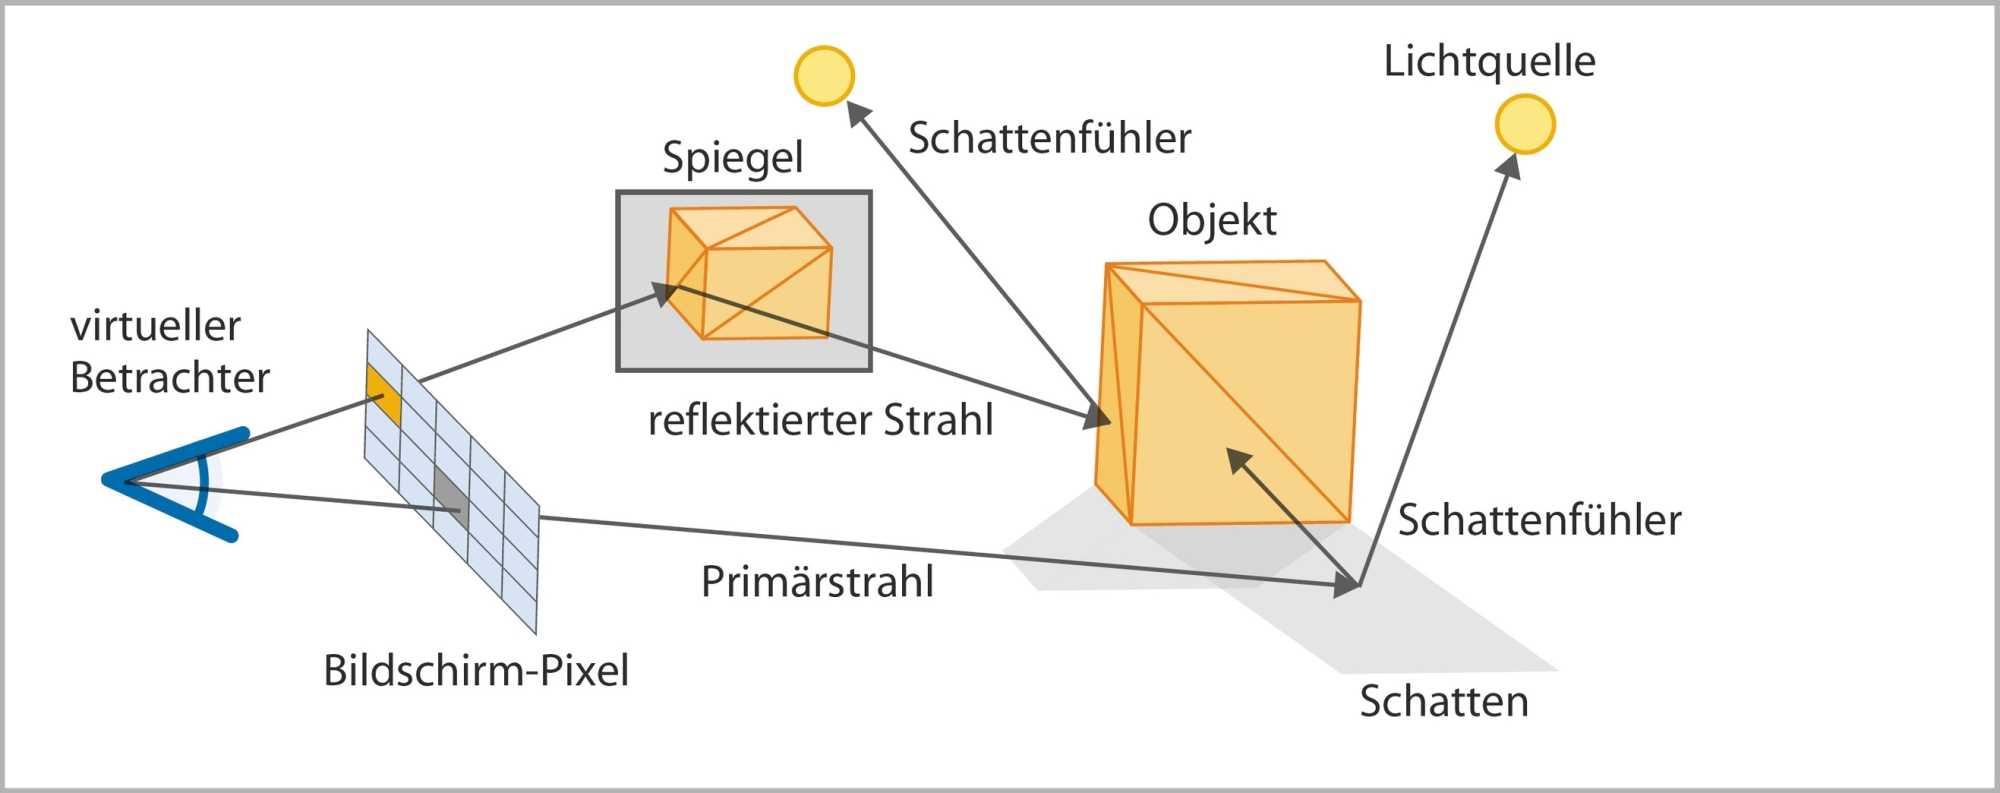 Das Grundprinzip von Raytracing: Raytracing verfolgt Sichtbarkeitsstrahlen in eine Szene. Treffen sie auf ein Objekt, wird das zugehörige Shaderprogramm aufgerufen, um die Farbe zu bestimmen. Sekundärstrahlen dienen realistischen Schatten und Reflexionen.